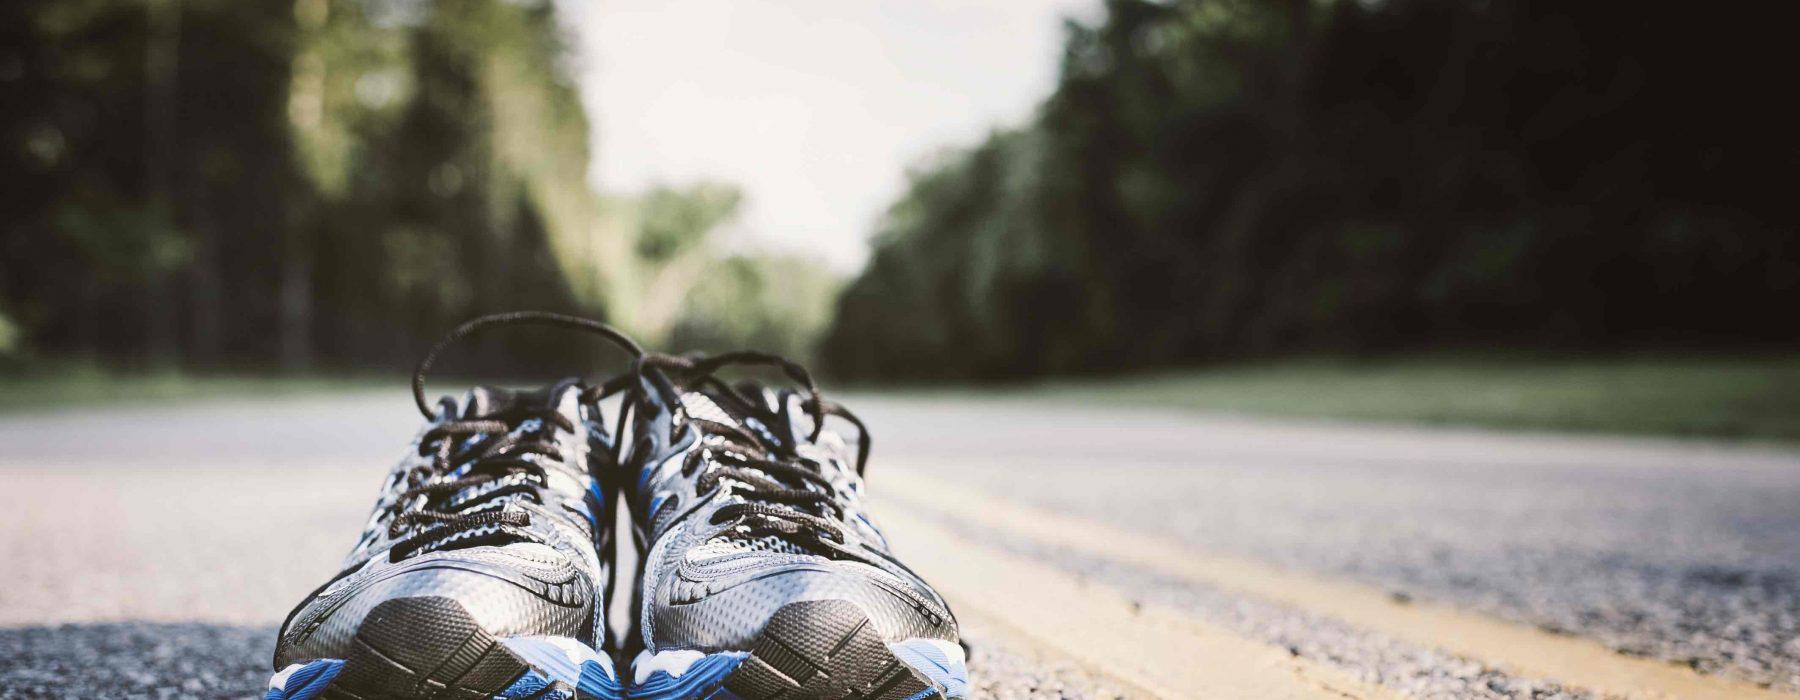 Zapatillas de deporte, lo que no sabes aún!